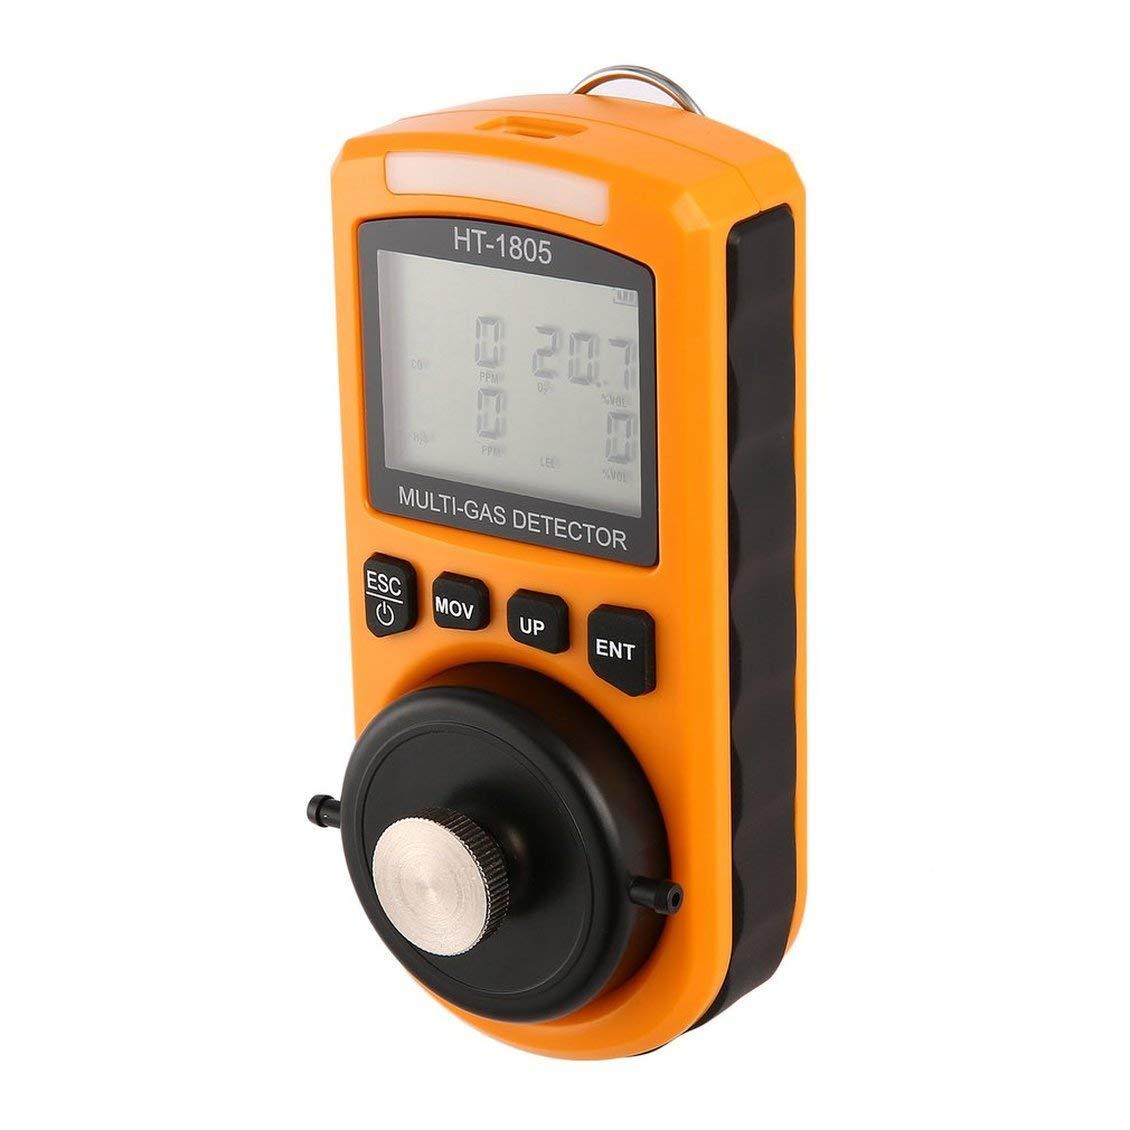 fghdfdhfdgjhh Fghdf 4 en 1 O2 H2S CO LEL Detector de Gas Combustible Muestreador de Gas Bomba Oxígeno Monóxido de Carbono Analizador de Gas Monitor Detector ...